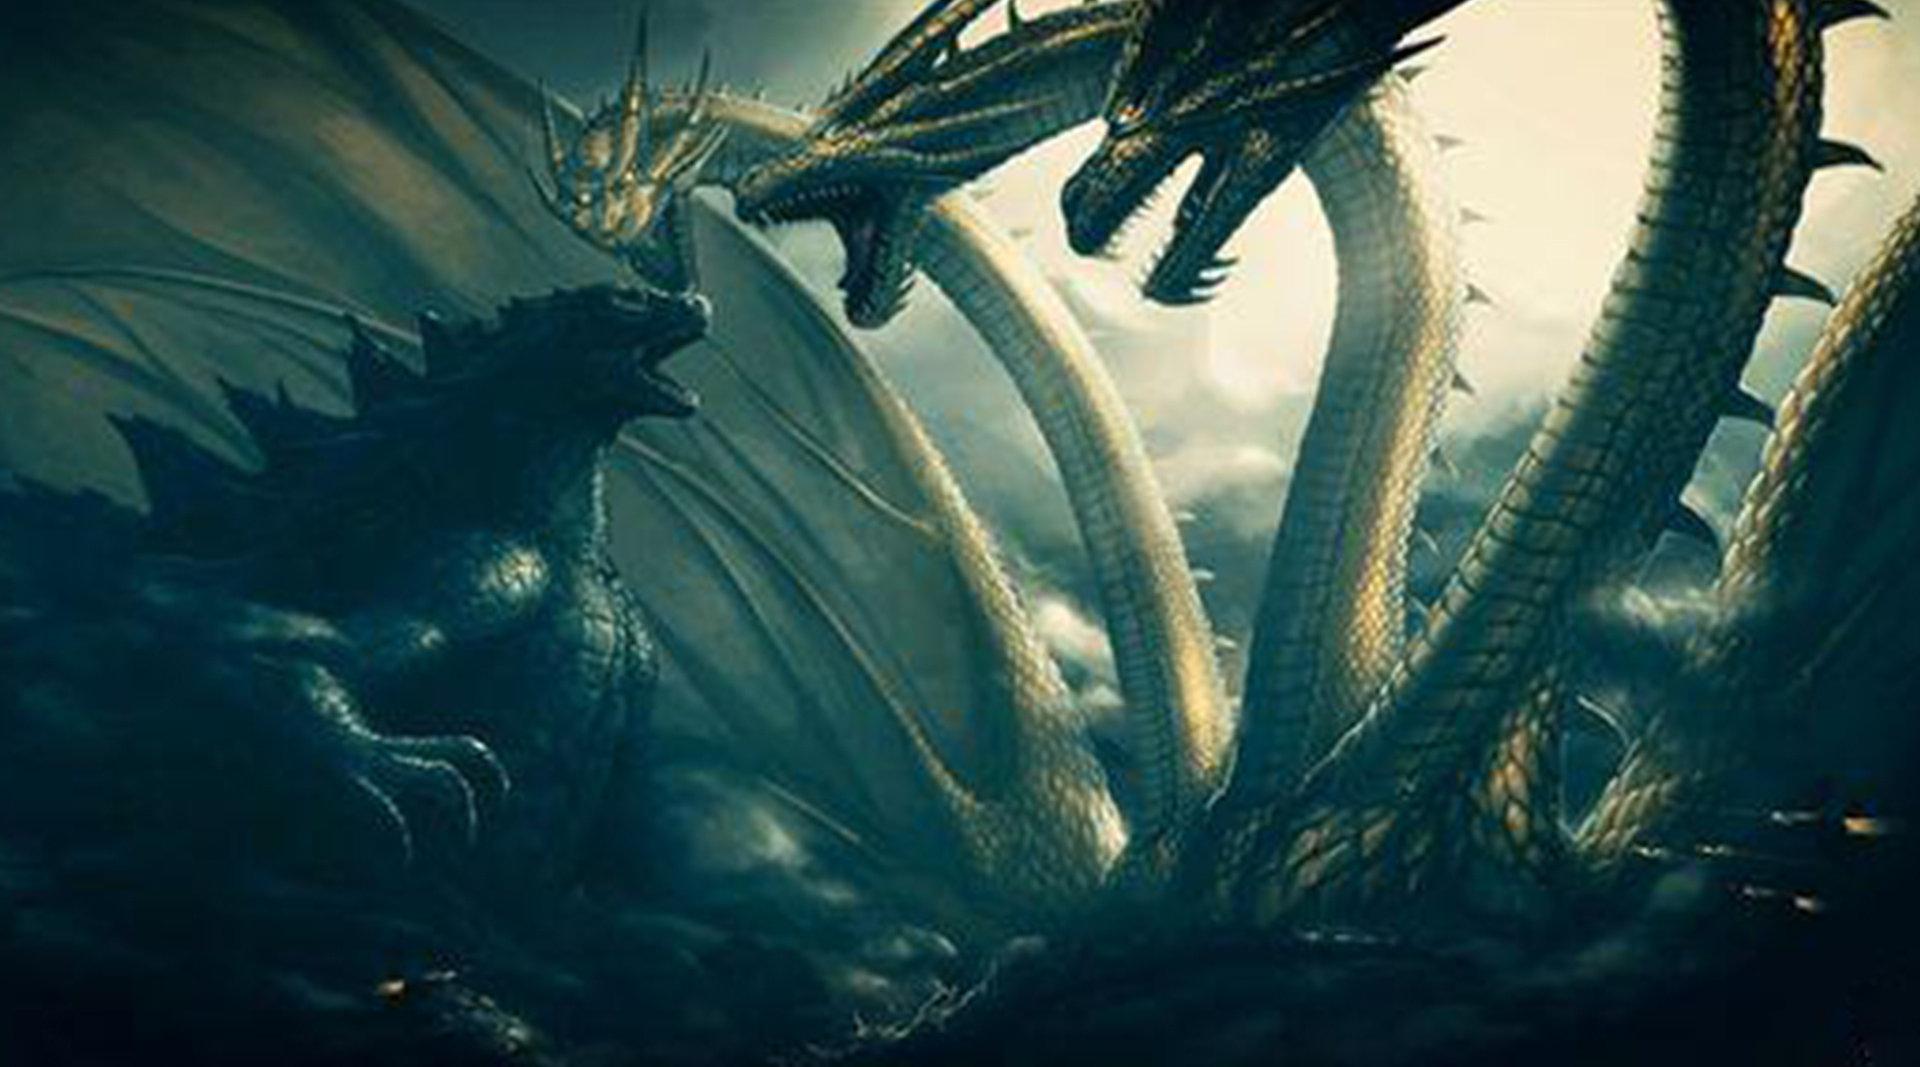 最新怪兽电影《哥斯拉2:怪兽之王》哥斯拉将挑战三头龙基多拉!